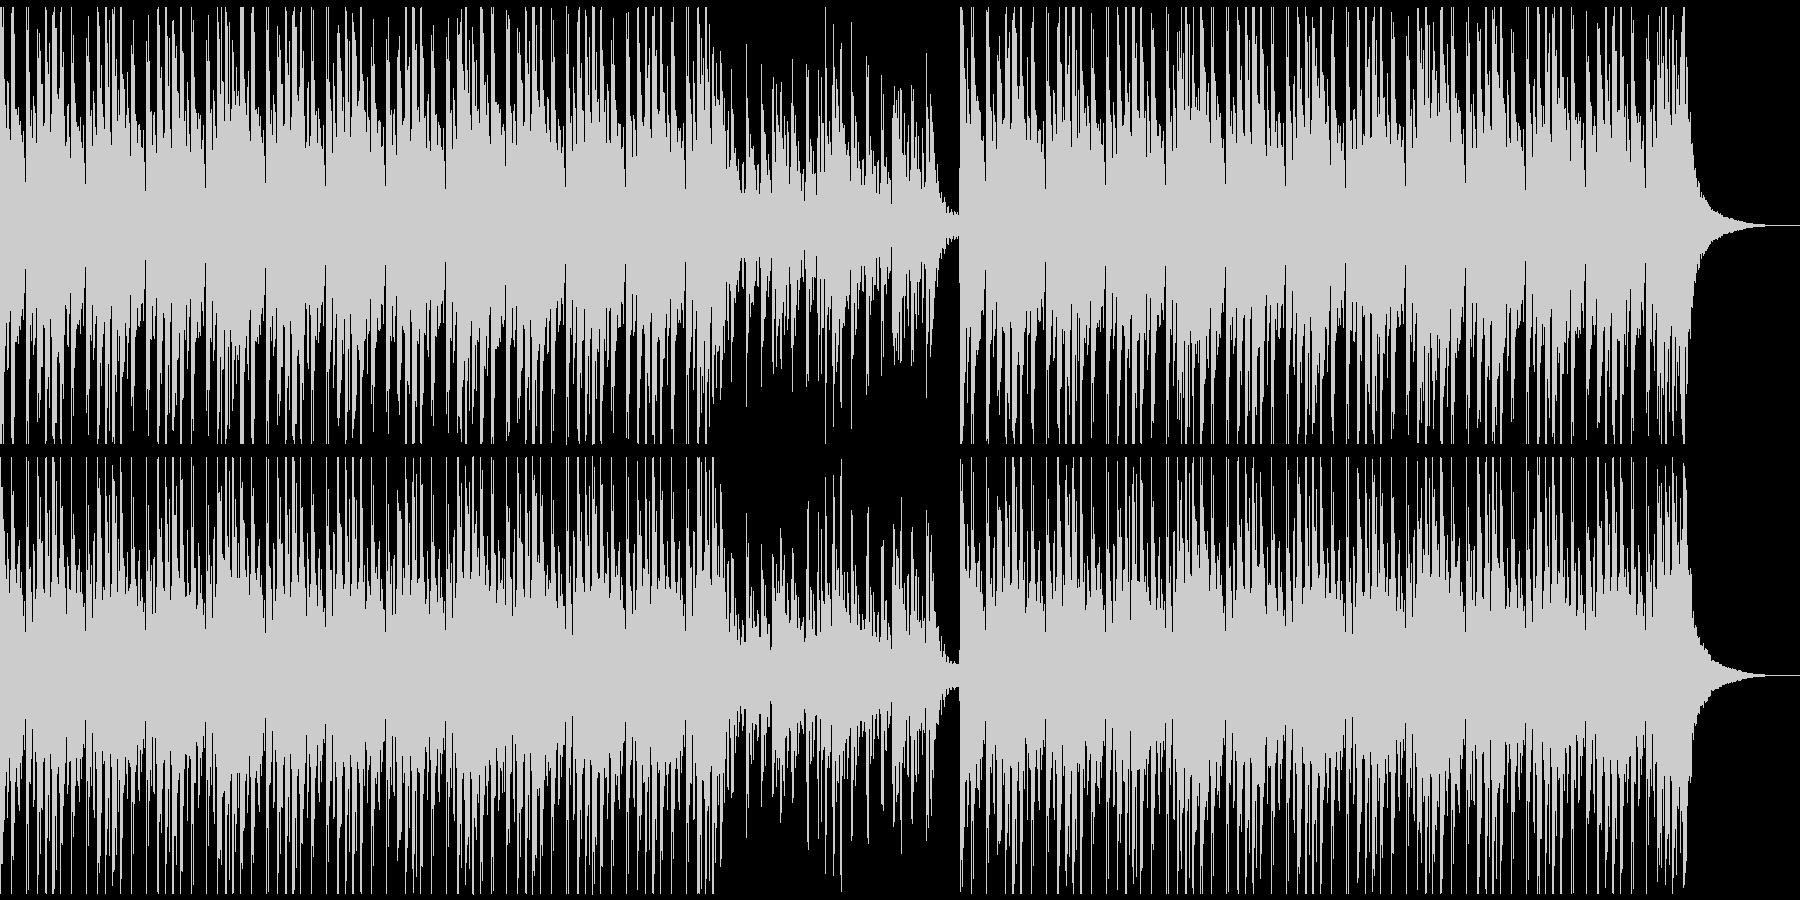 【掛け声抜き】和太鼓や和楽器 力強いアンの未再生の波形